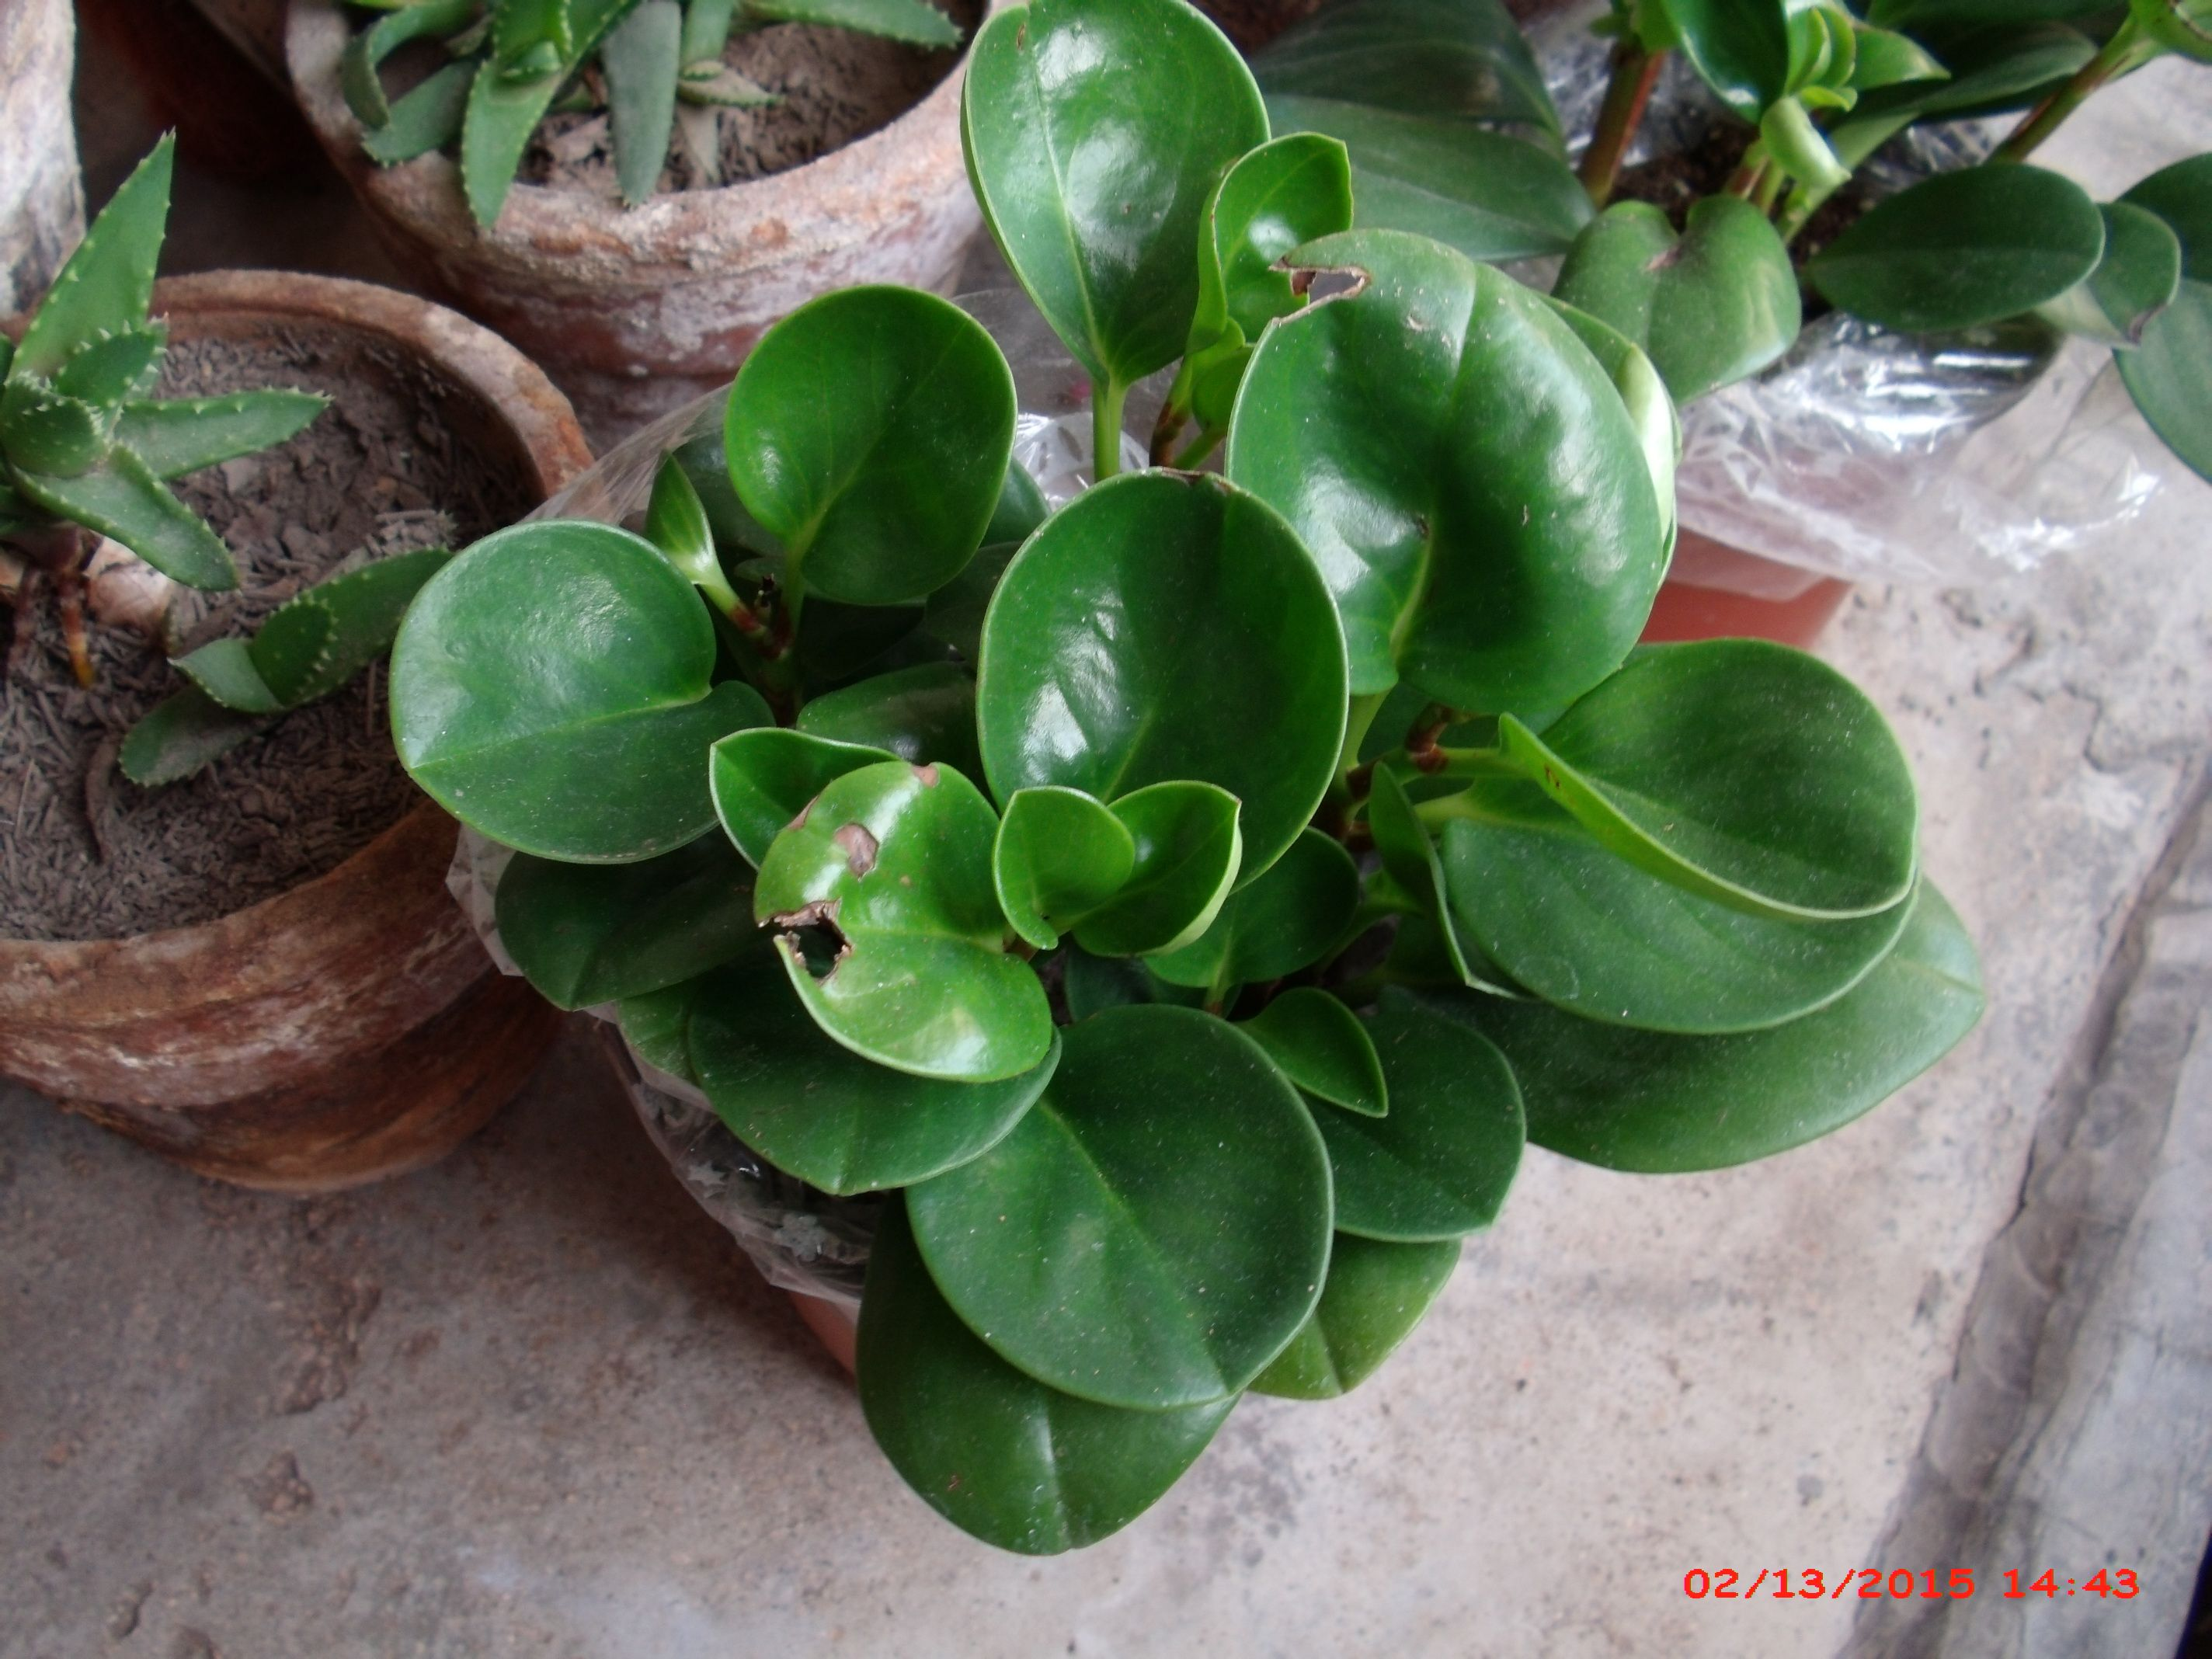 常见的家养花种类_各种盆栽的图片及名称-室内树木图片及名称/室内植物300种图片 ...